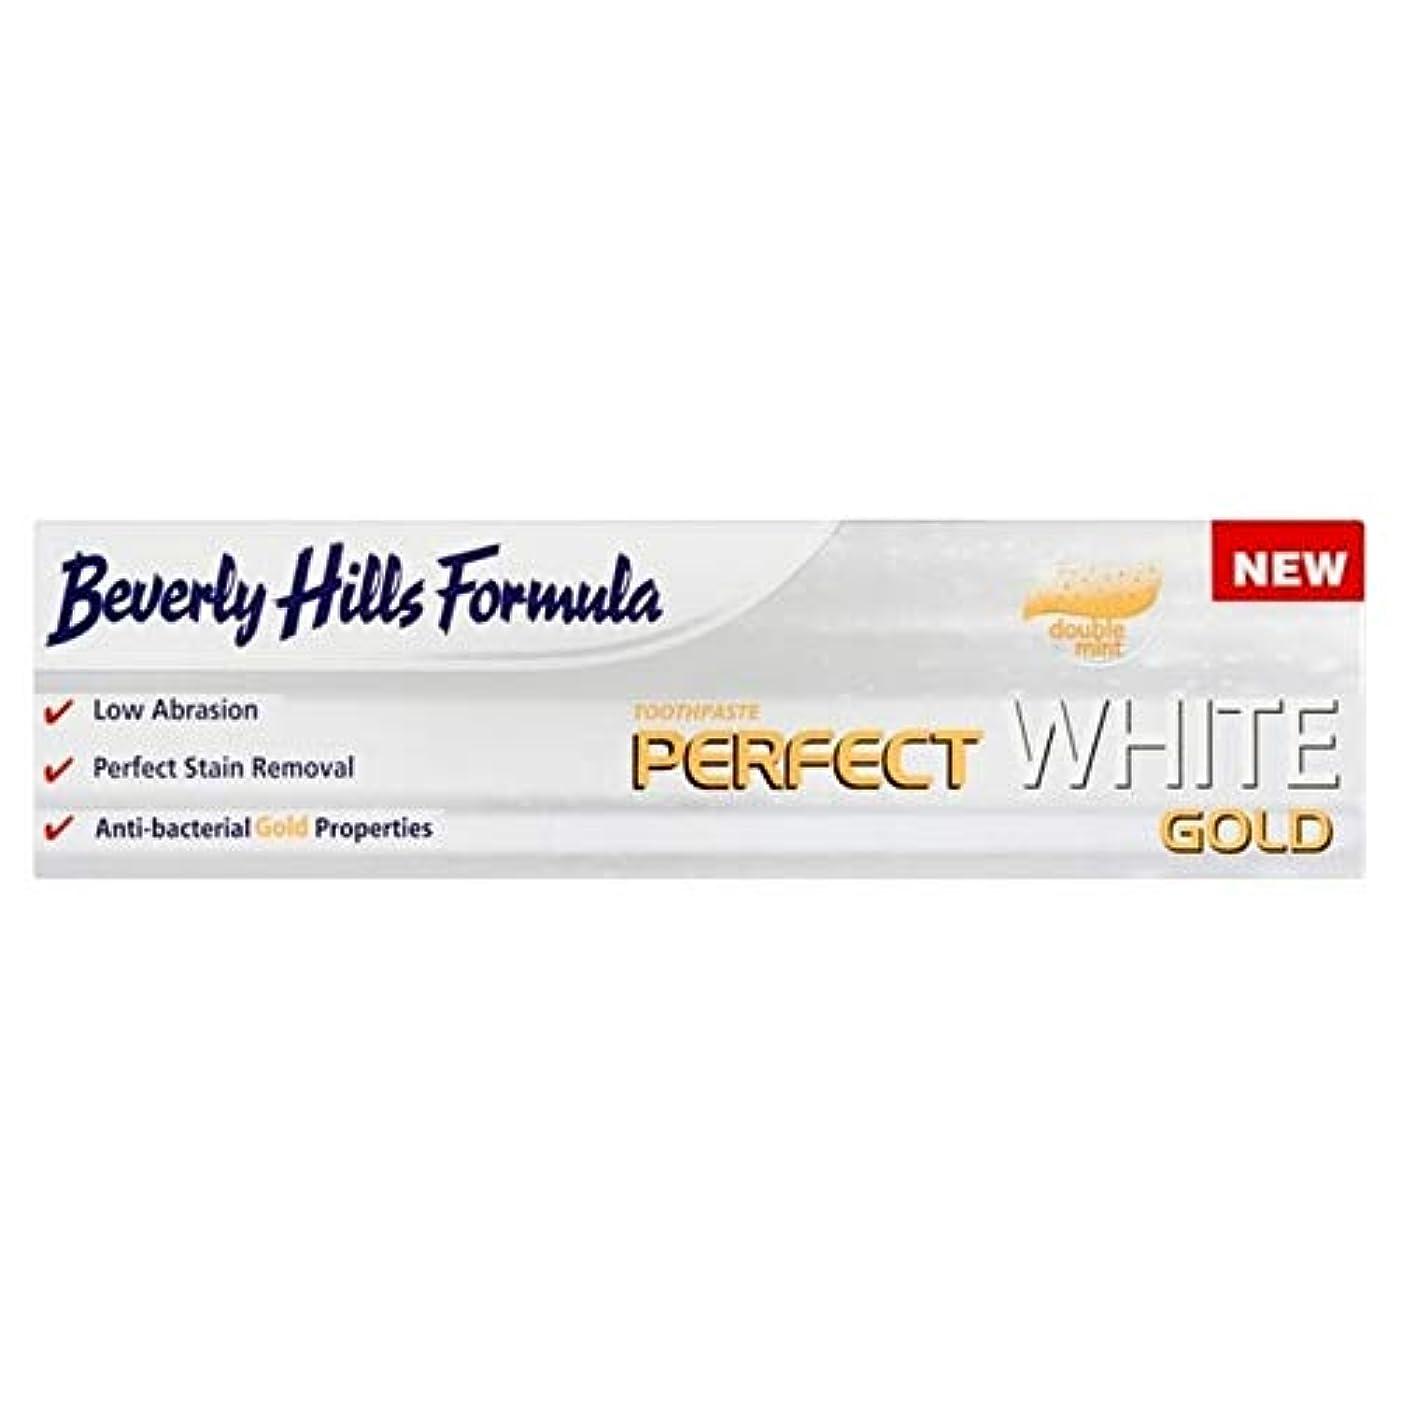 漁師わずかに有能な[Beverly Hills ] ビバリーヒルズ公式パーフェクトホワイトゴールドの100ミリリットル - Beverly Hills Formula Perfect White Gold 100ml [並行輸入品]